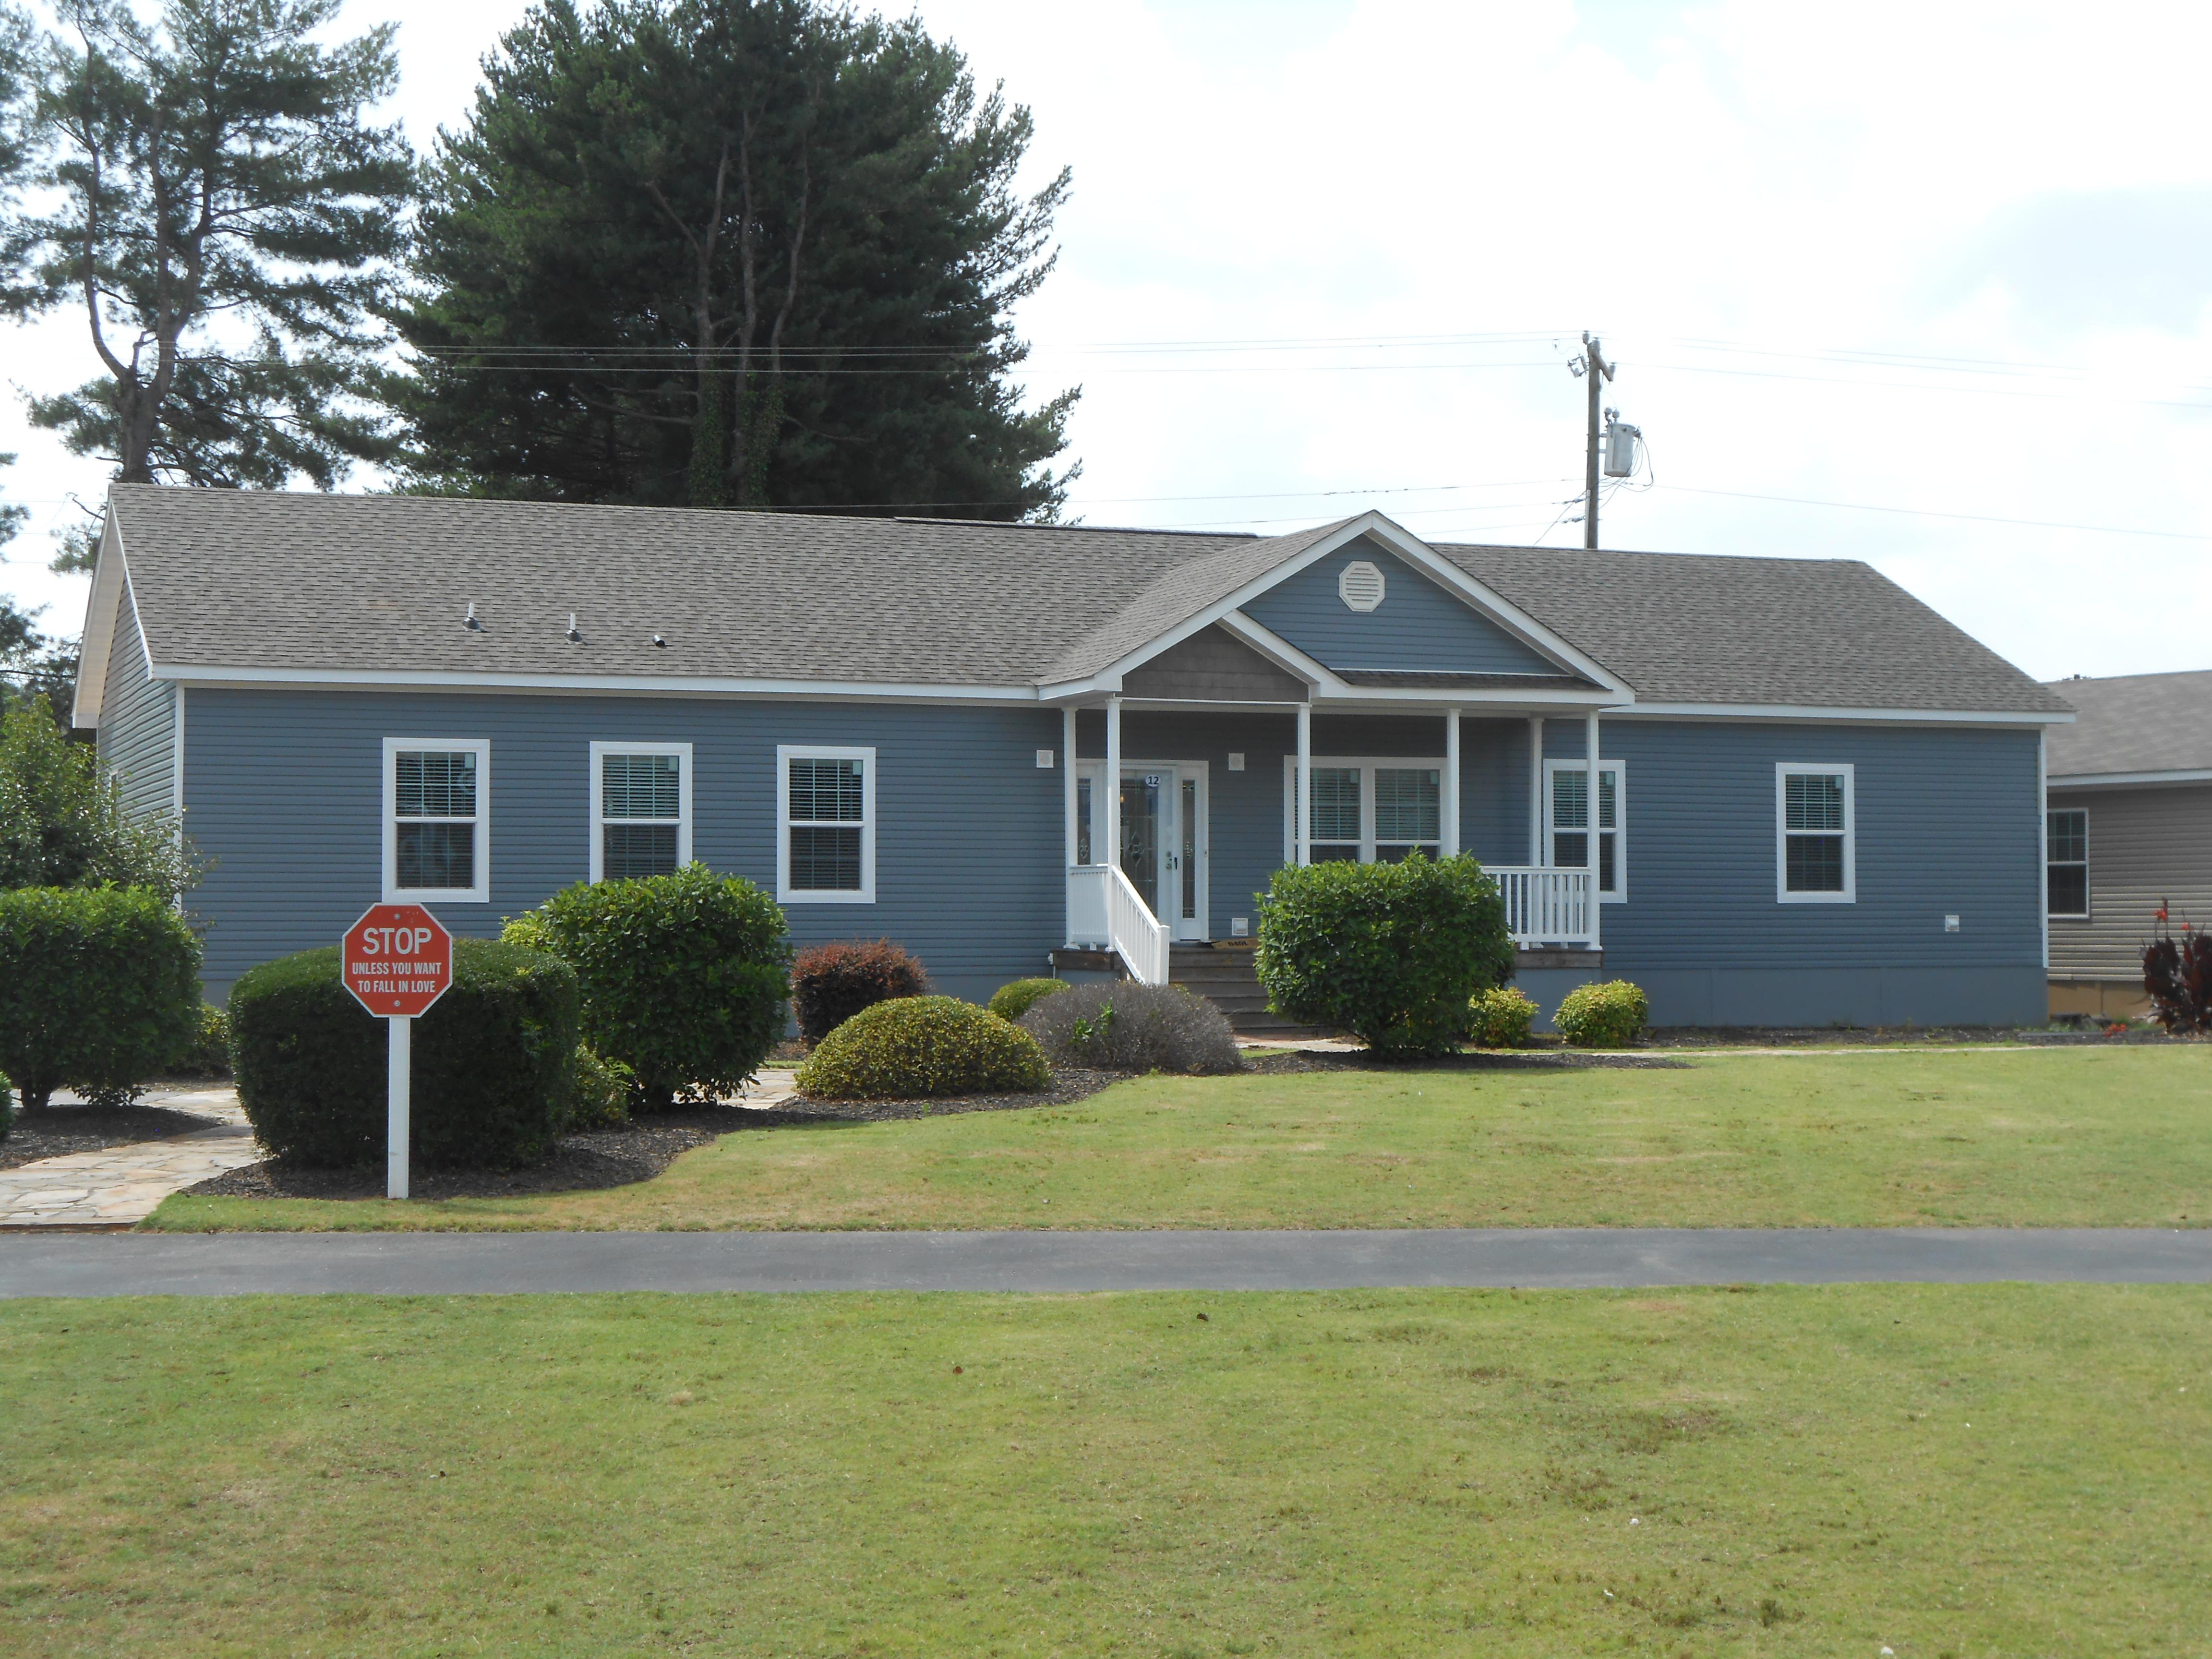 Oakwood Homes image 0